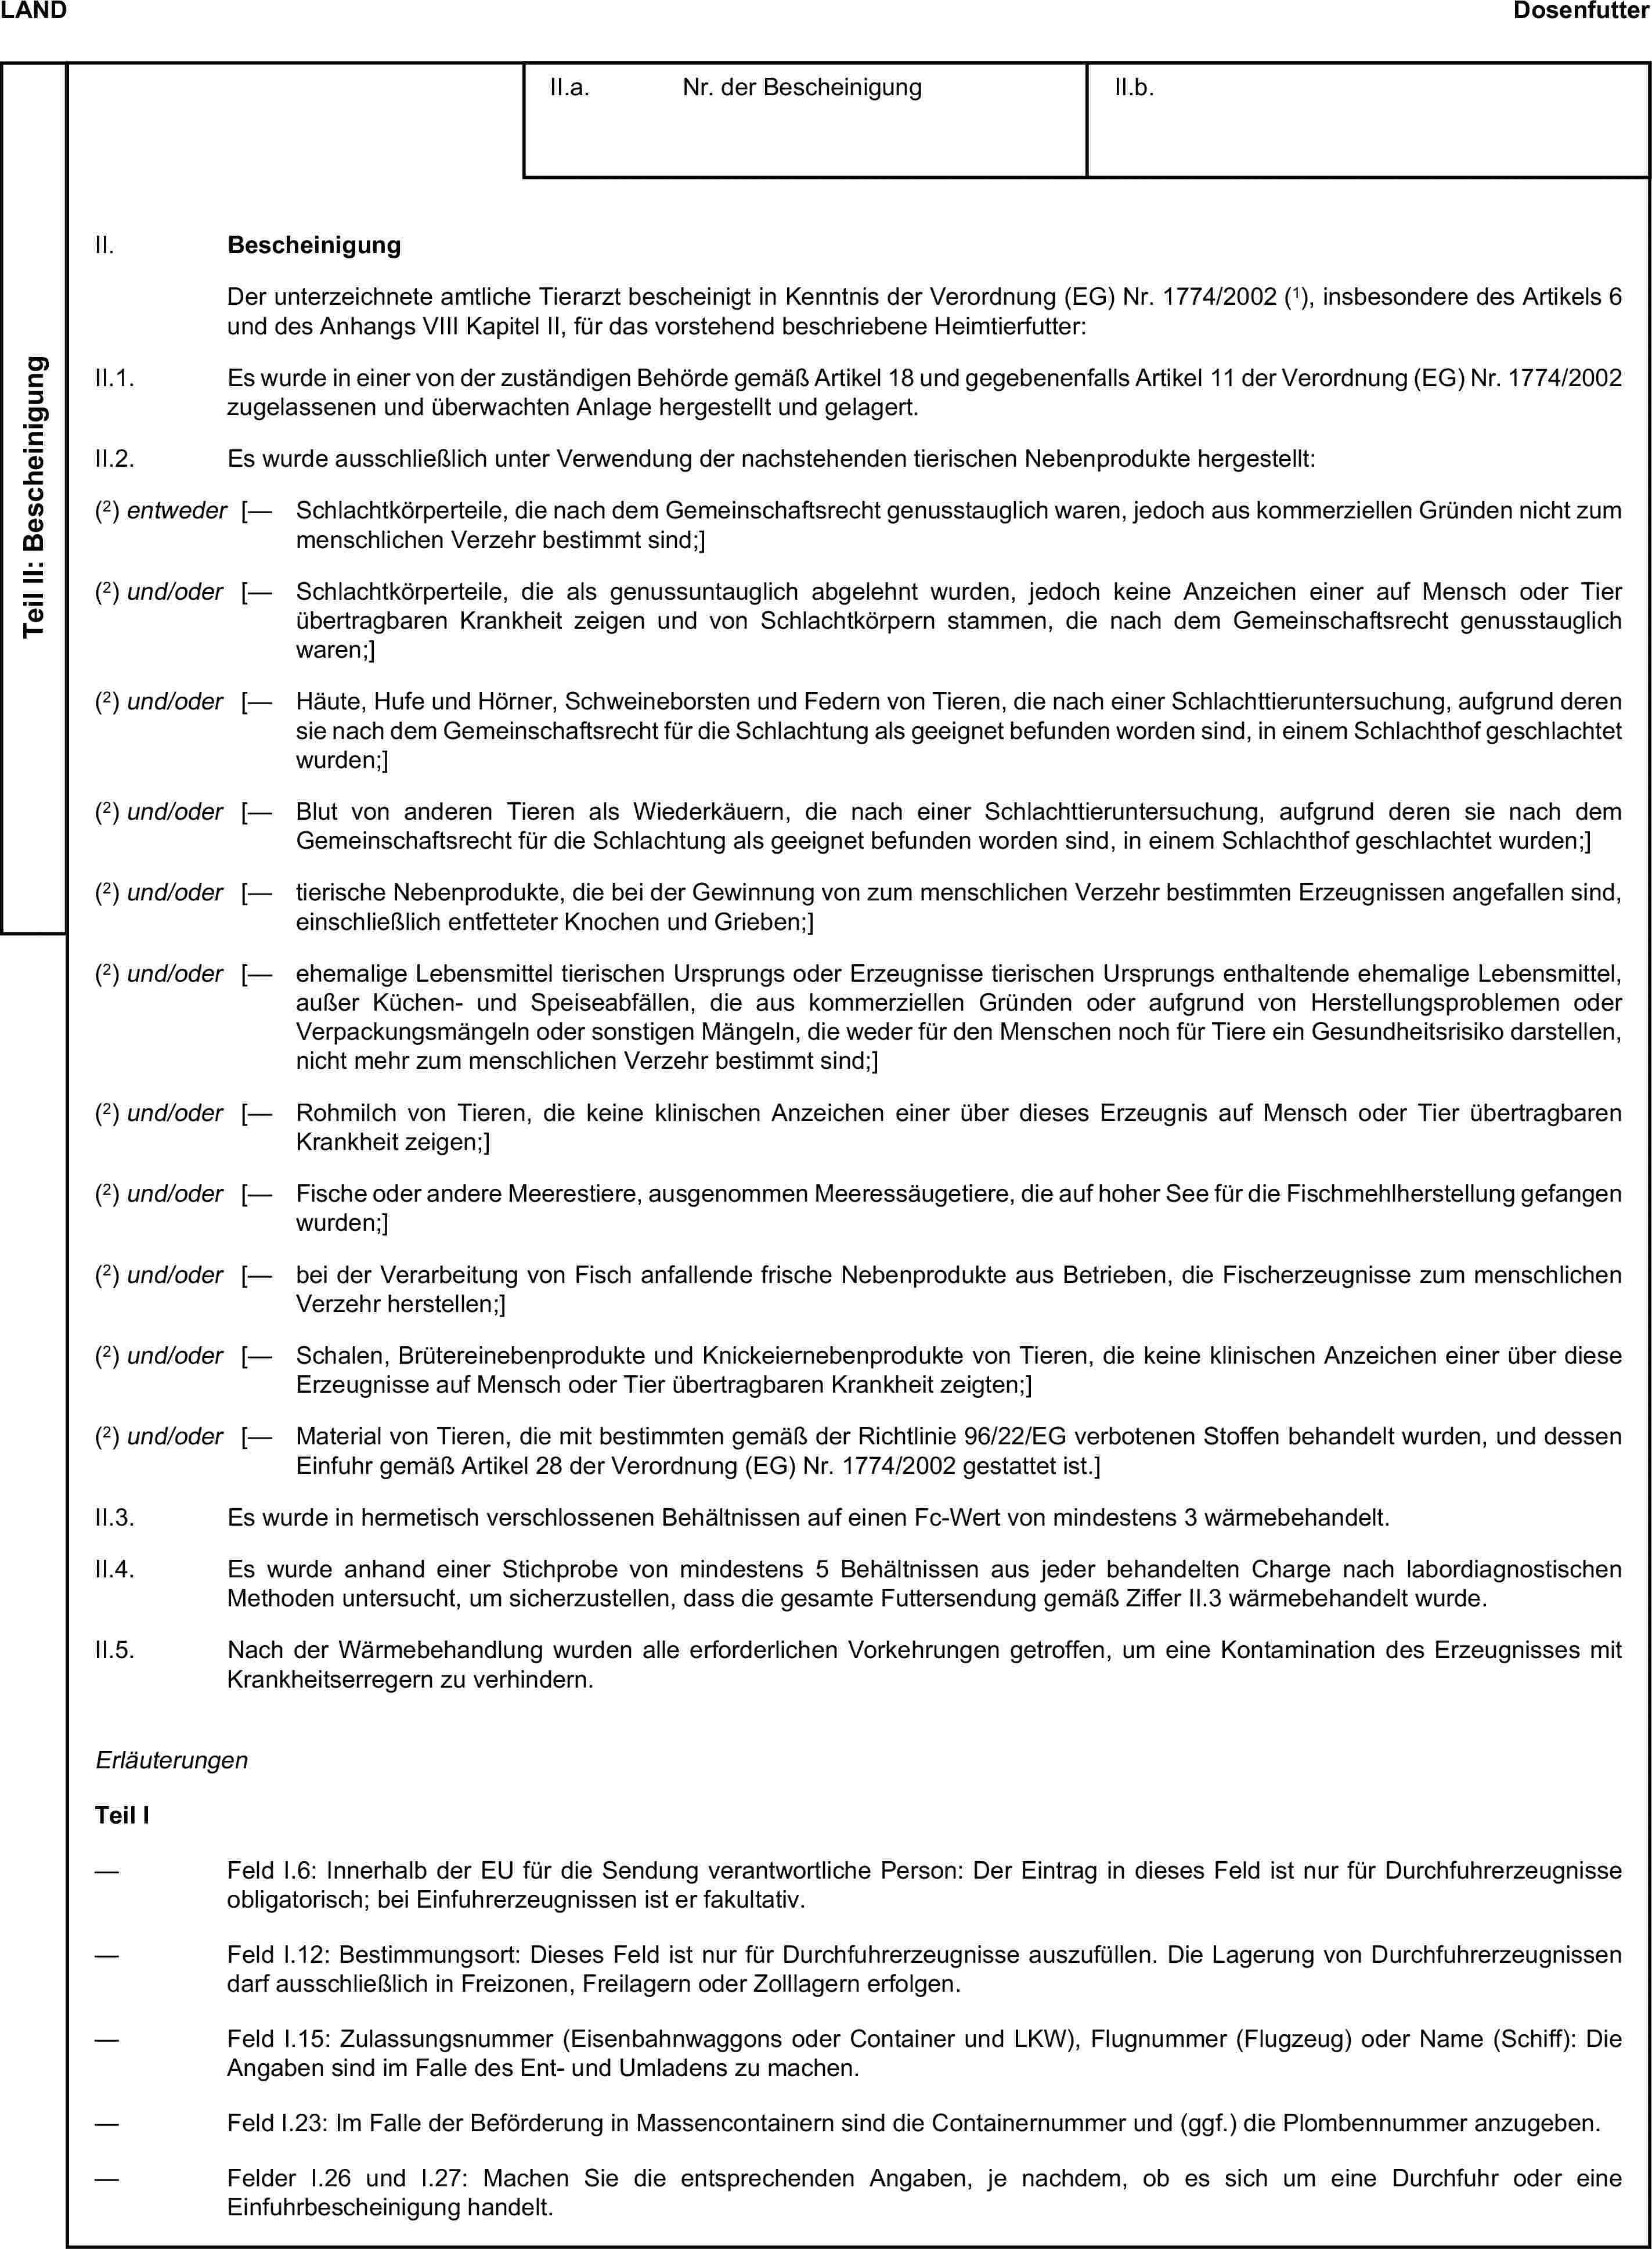 Beste Hamburger Buchreportvorlage Ideen - Entry Level Resume ...